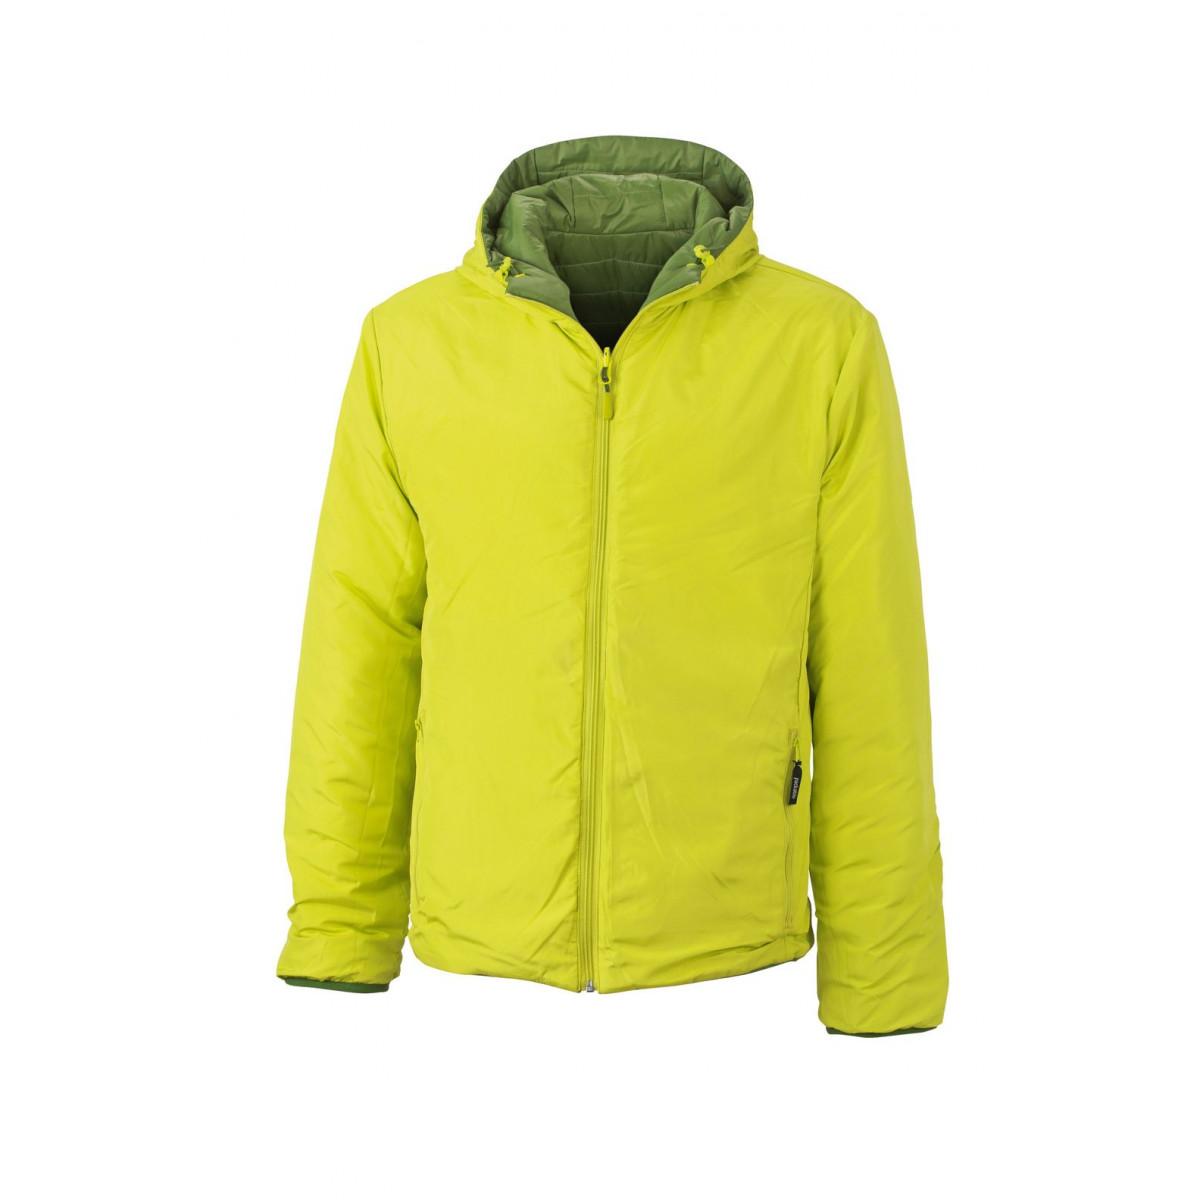 Куртка мужская JN1092 Mens Lightweight Jacket - Насыщенный зеленый/Ярко-желтый